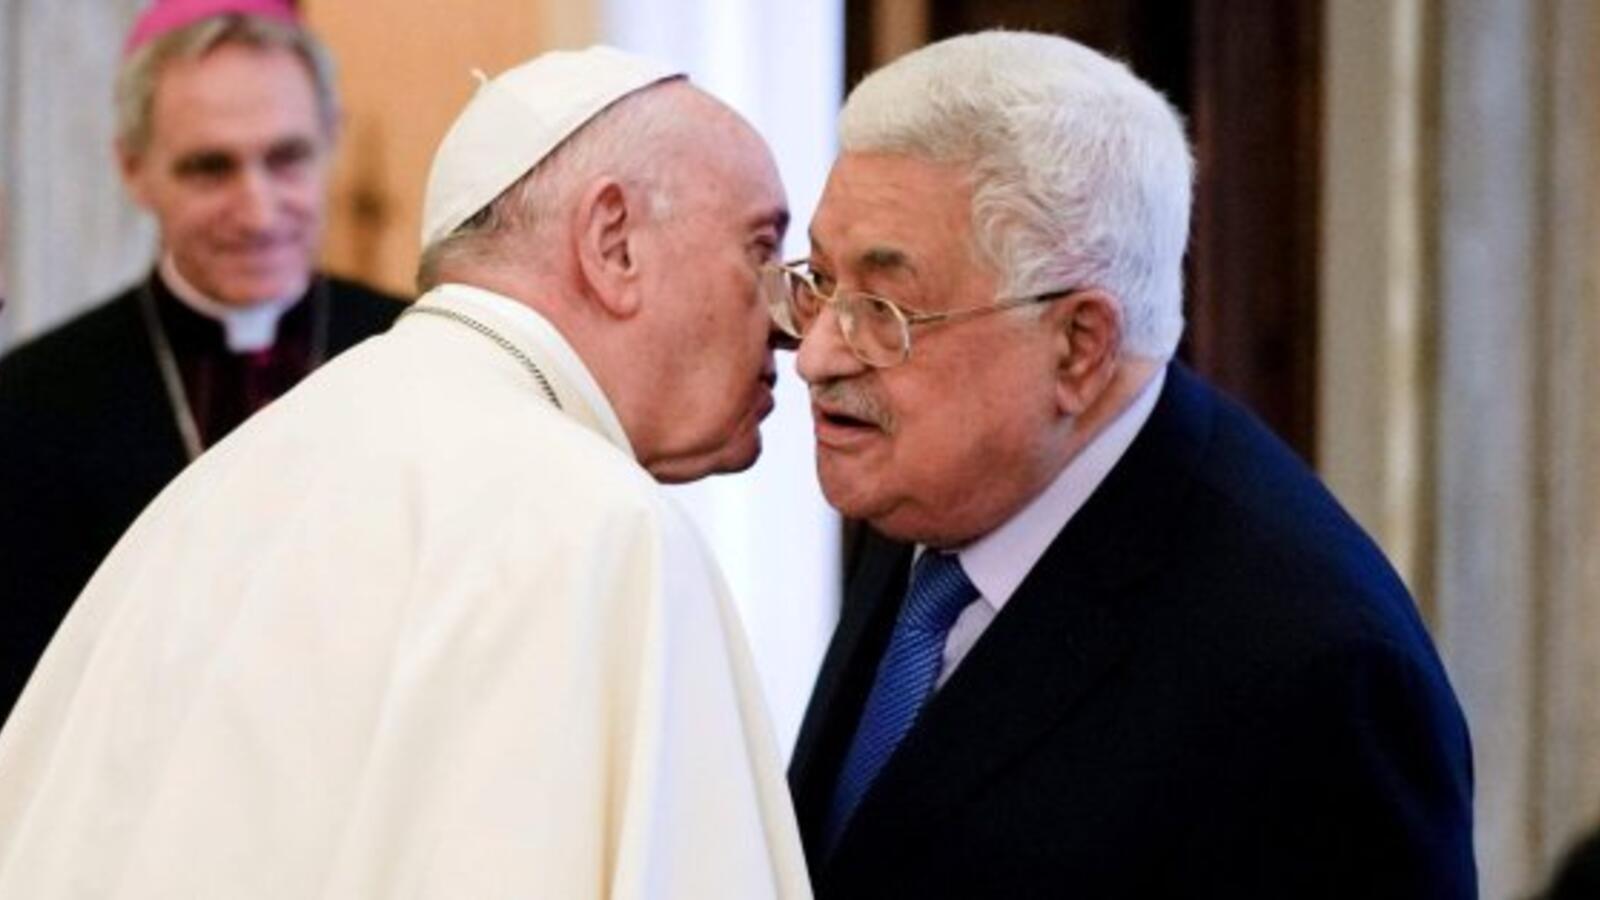 Papa îl atacă pe Trump și sare în ajutorul palestinienilor